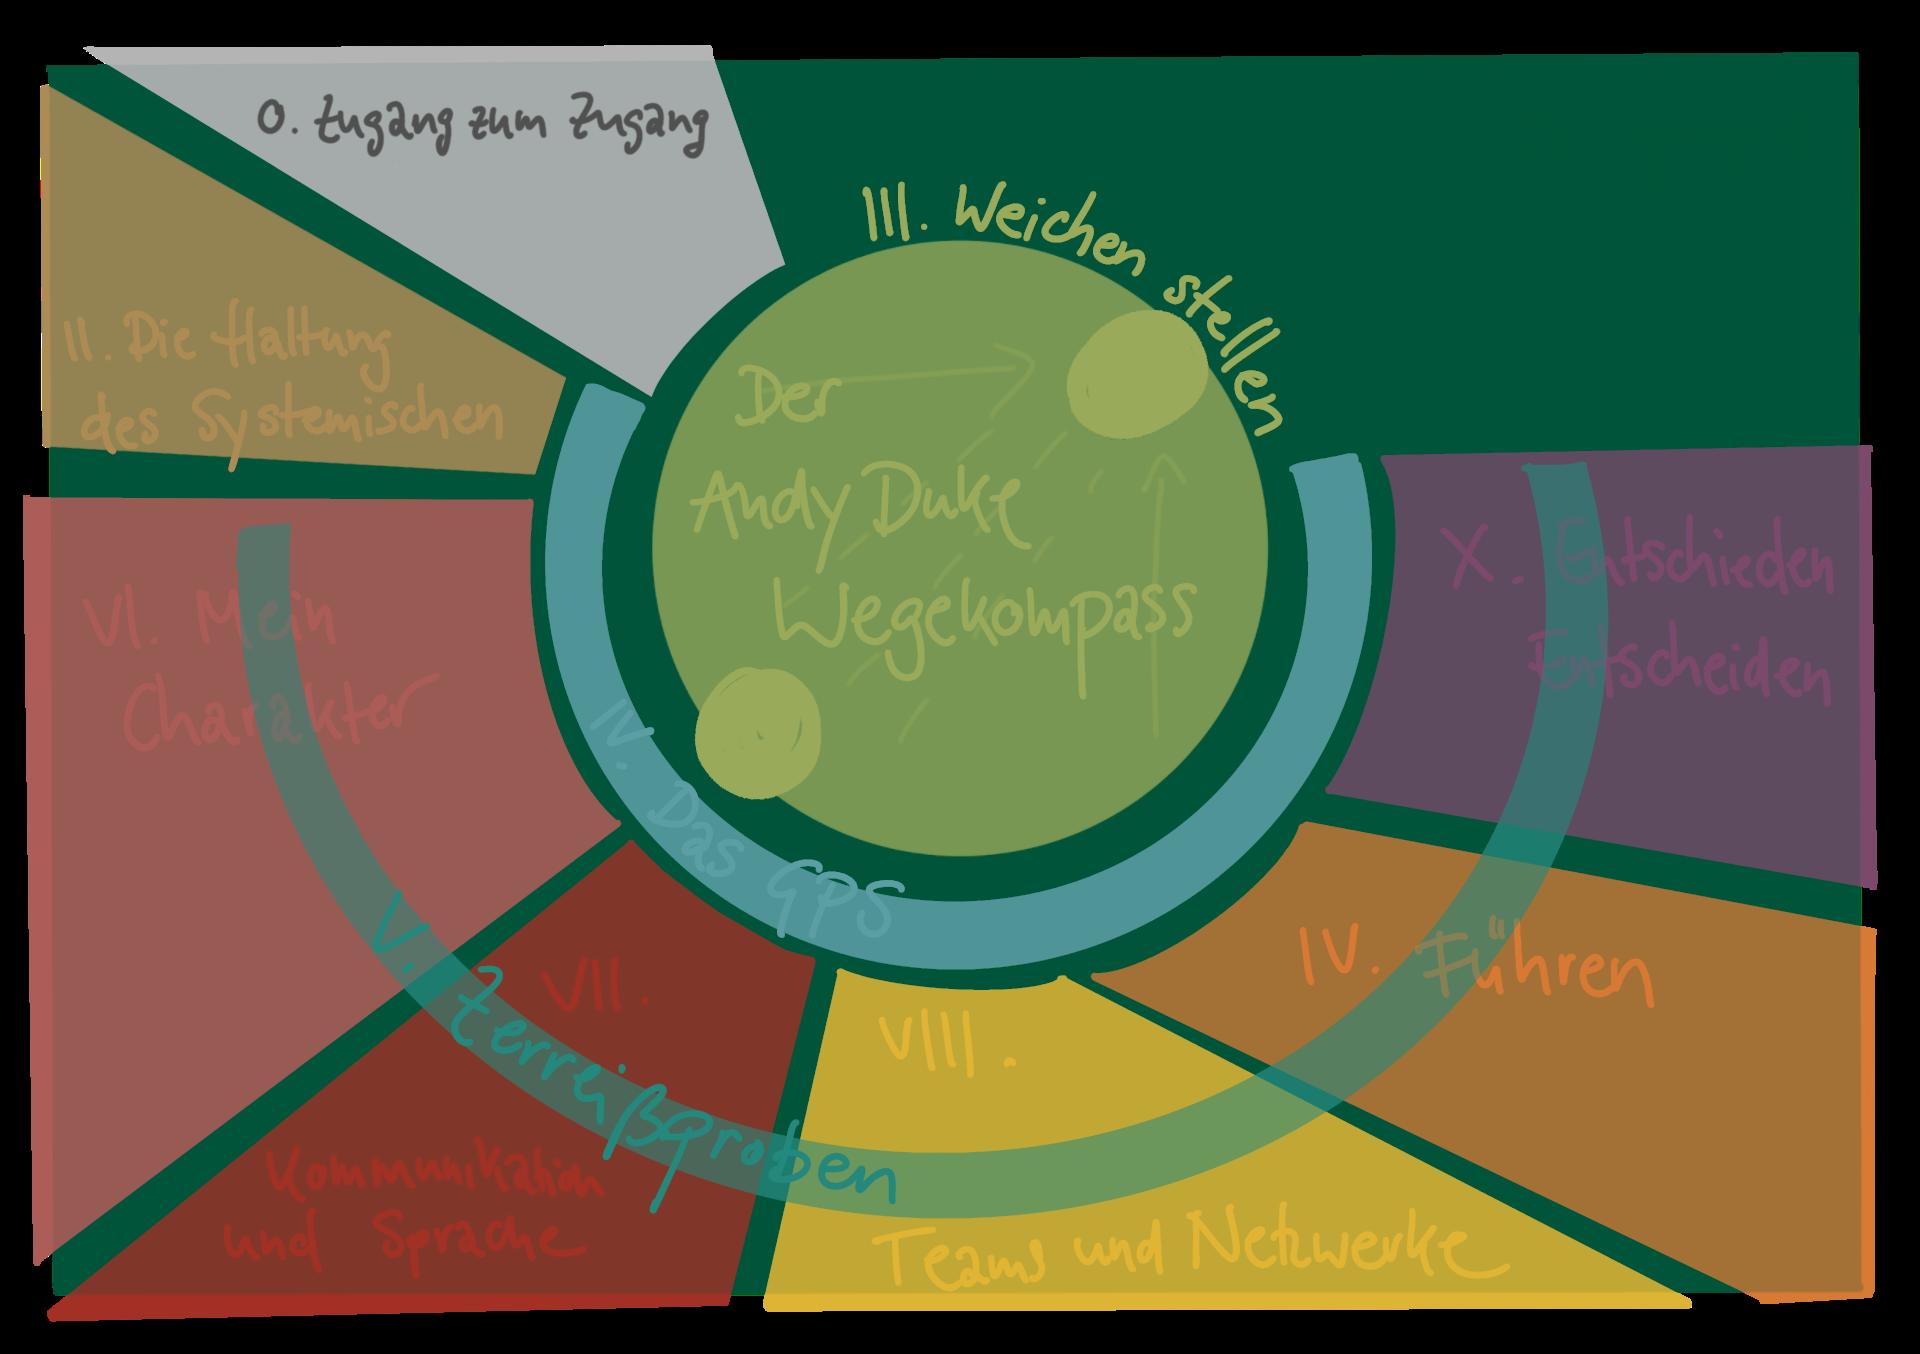 Das Andy Duke Atlas Modell®